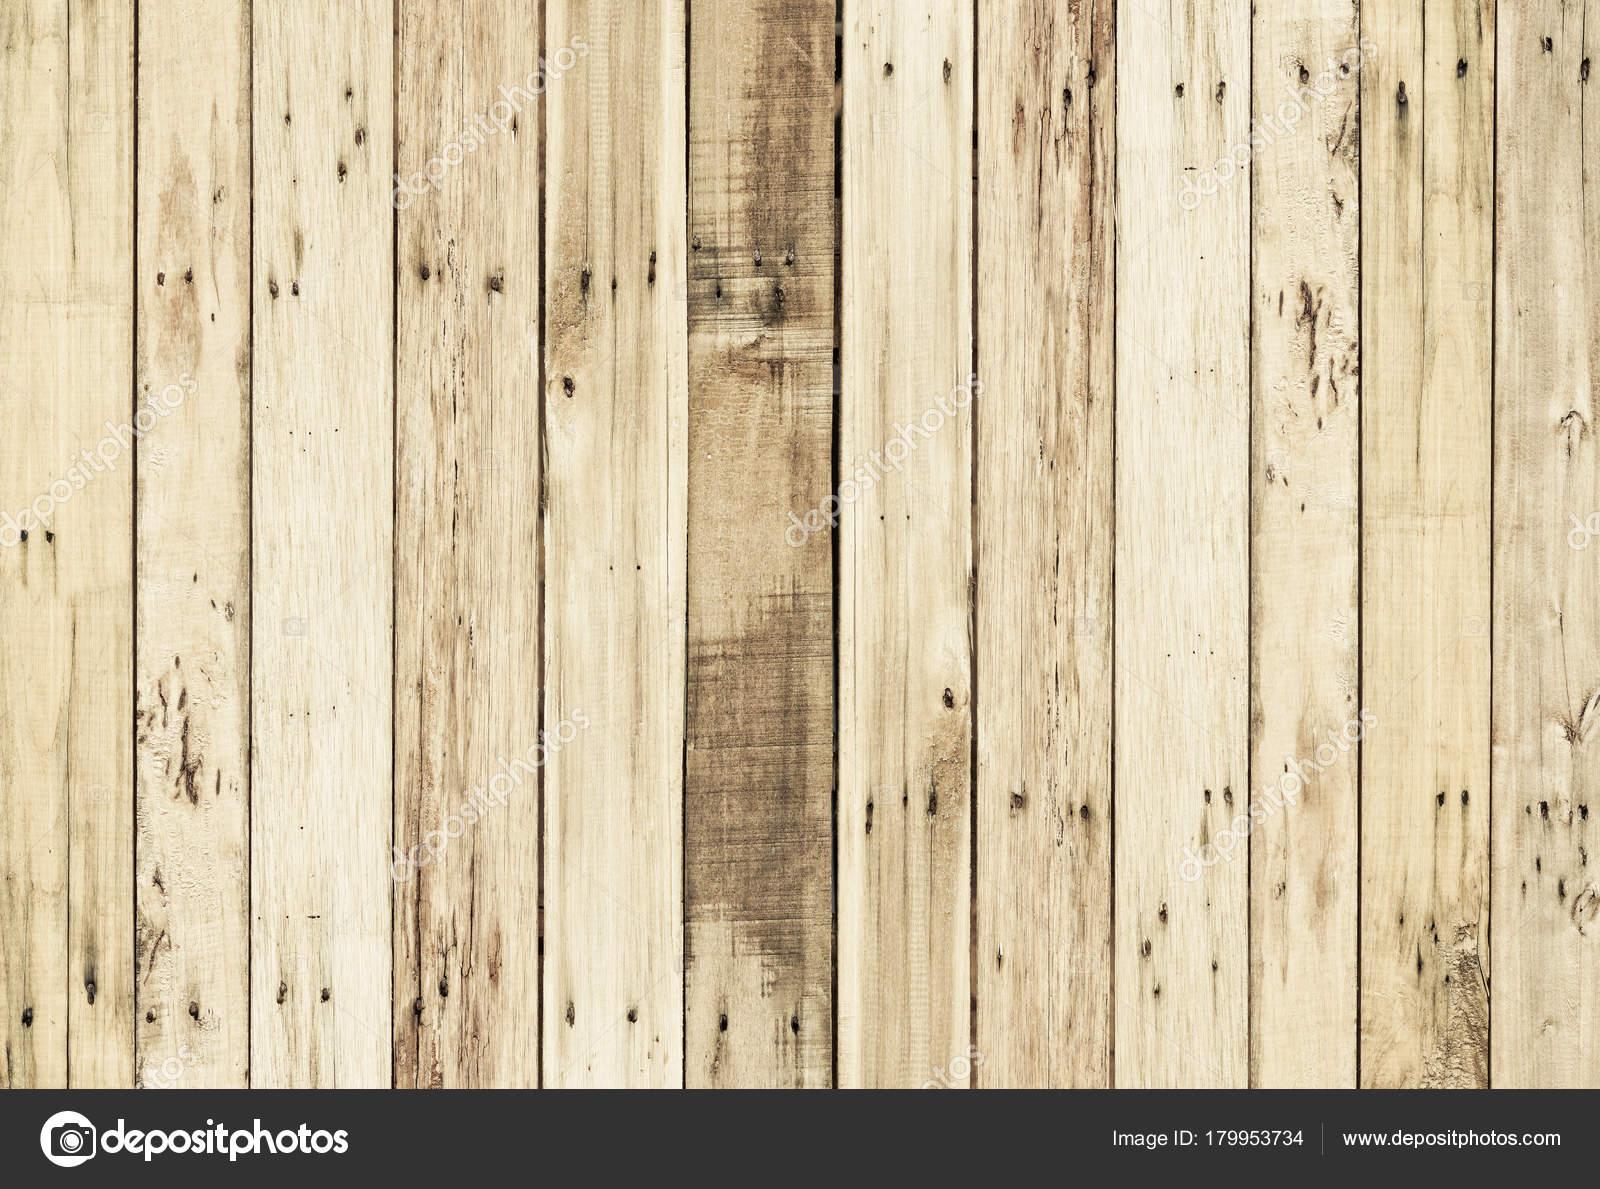 Houten Decoratie Voor Aan De Muur.Houten Plank Muur Achtergrond Voor Design Decoratie